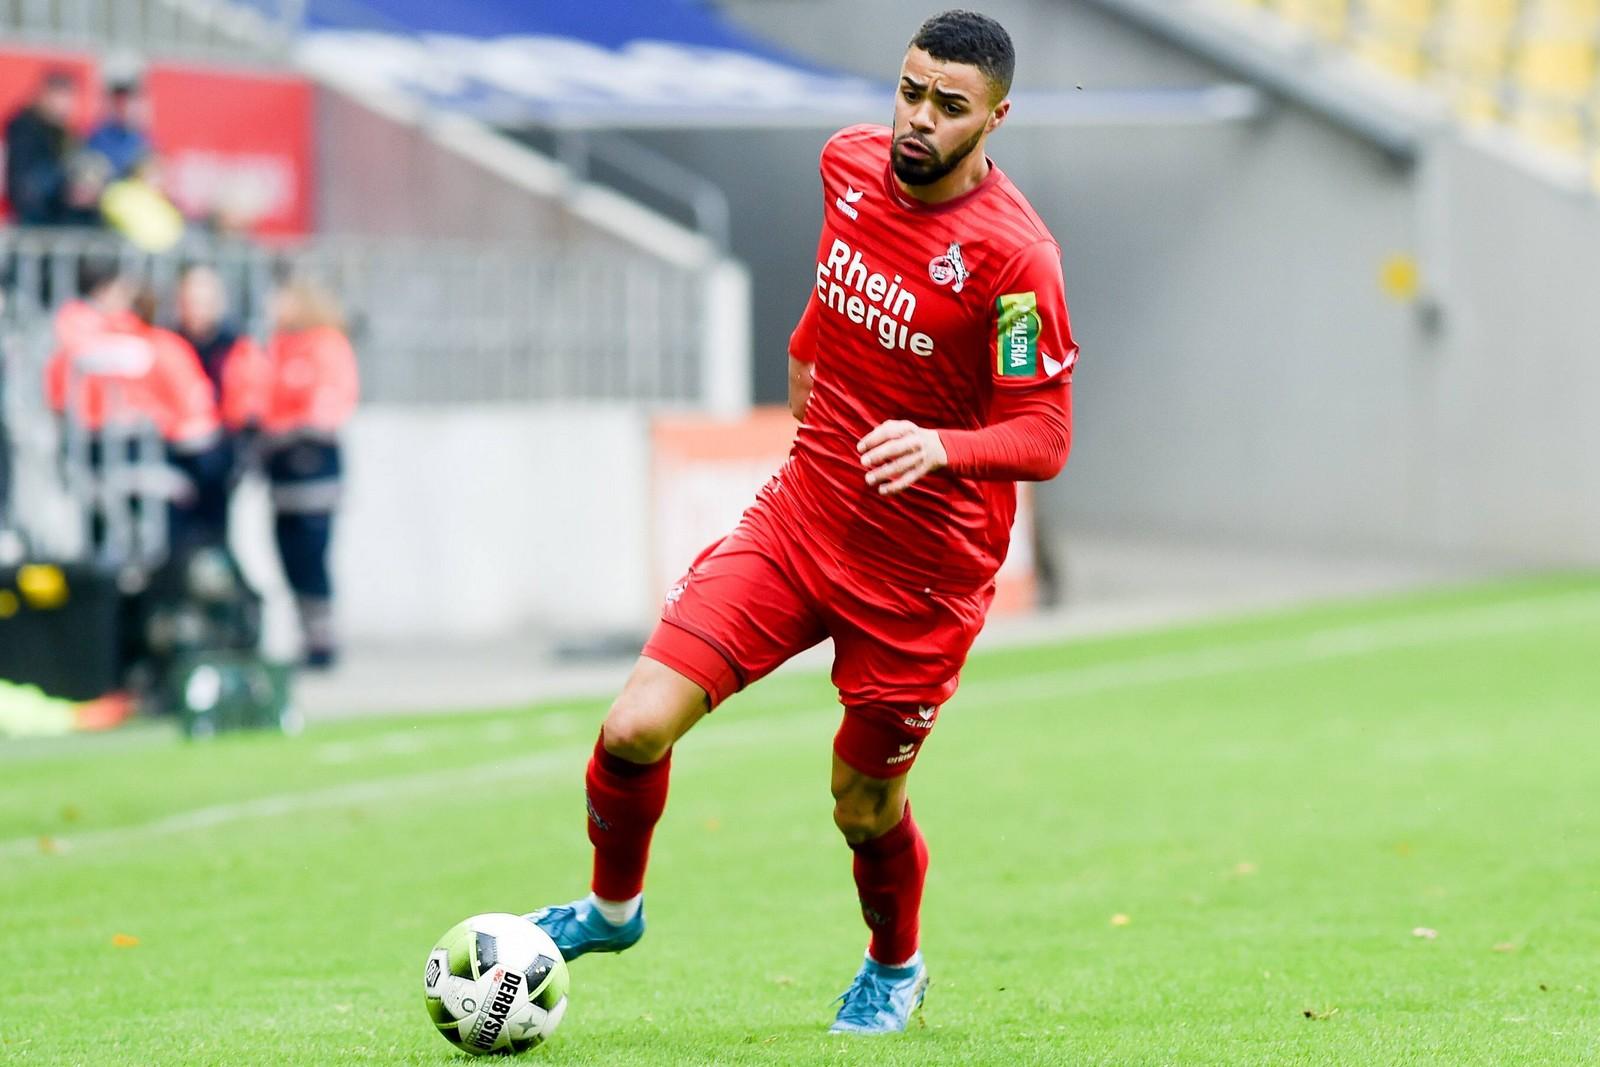 Stanley Ratifo von 1. FC Köln II